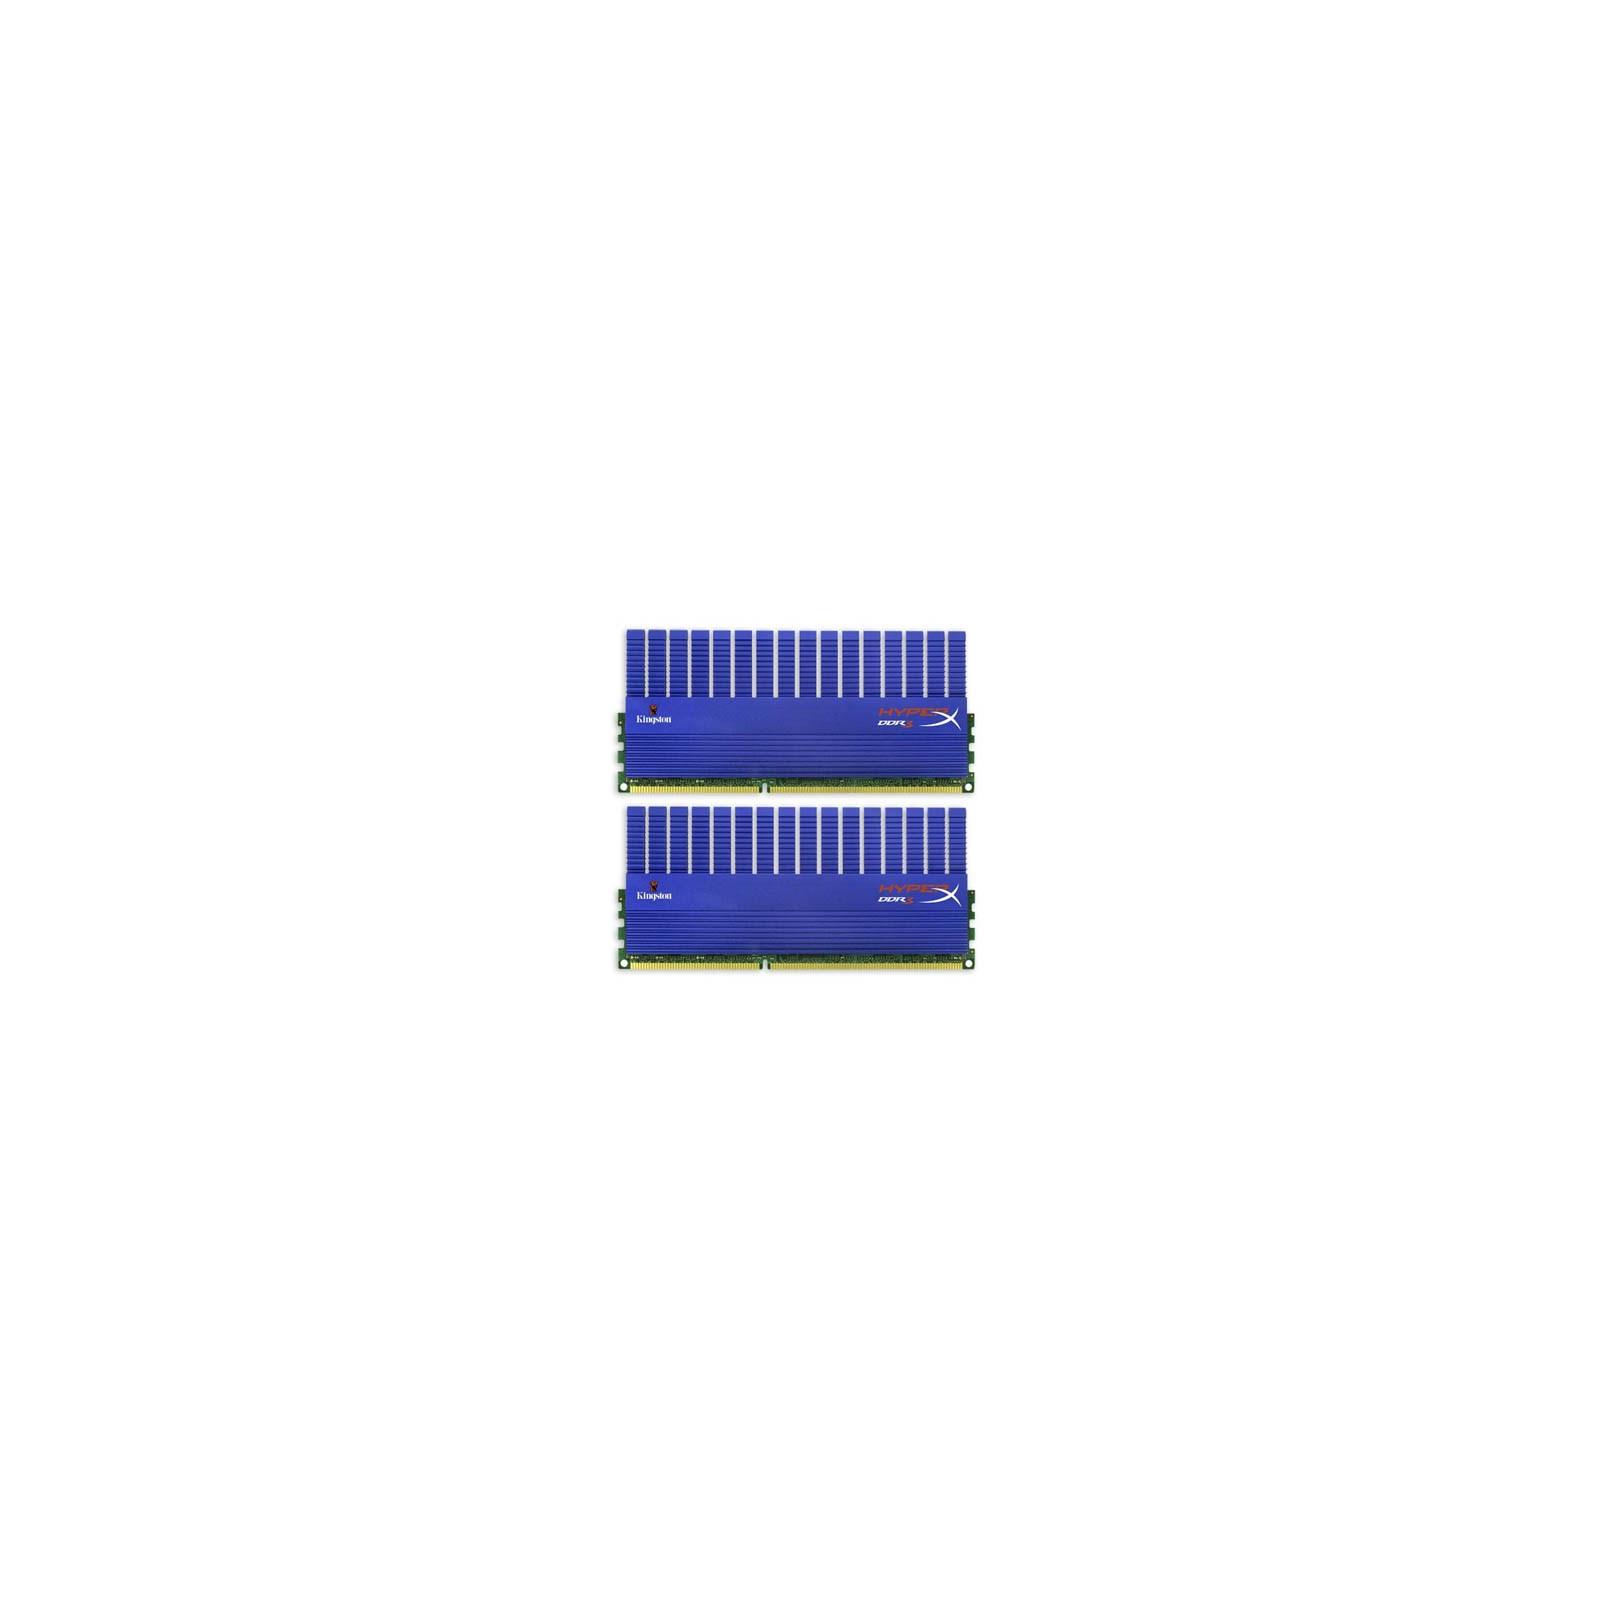 Модуль памяти для компьютера DDR3 8GB (2x4GB) 2133 MHz Kingston (KHX21C11T1K2/8X)